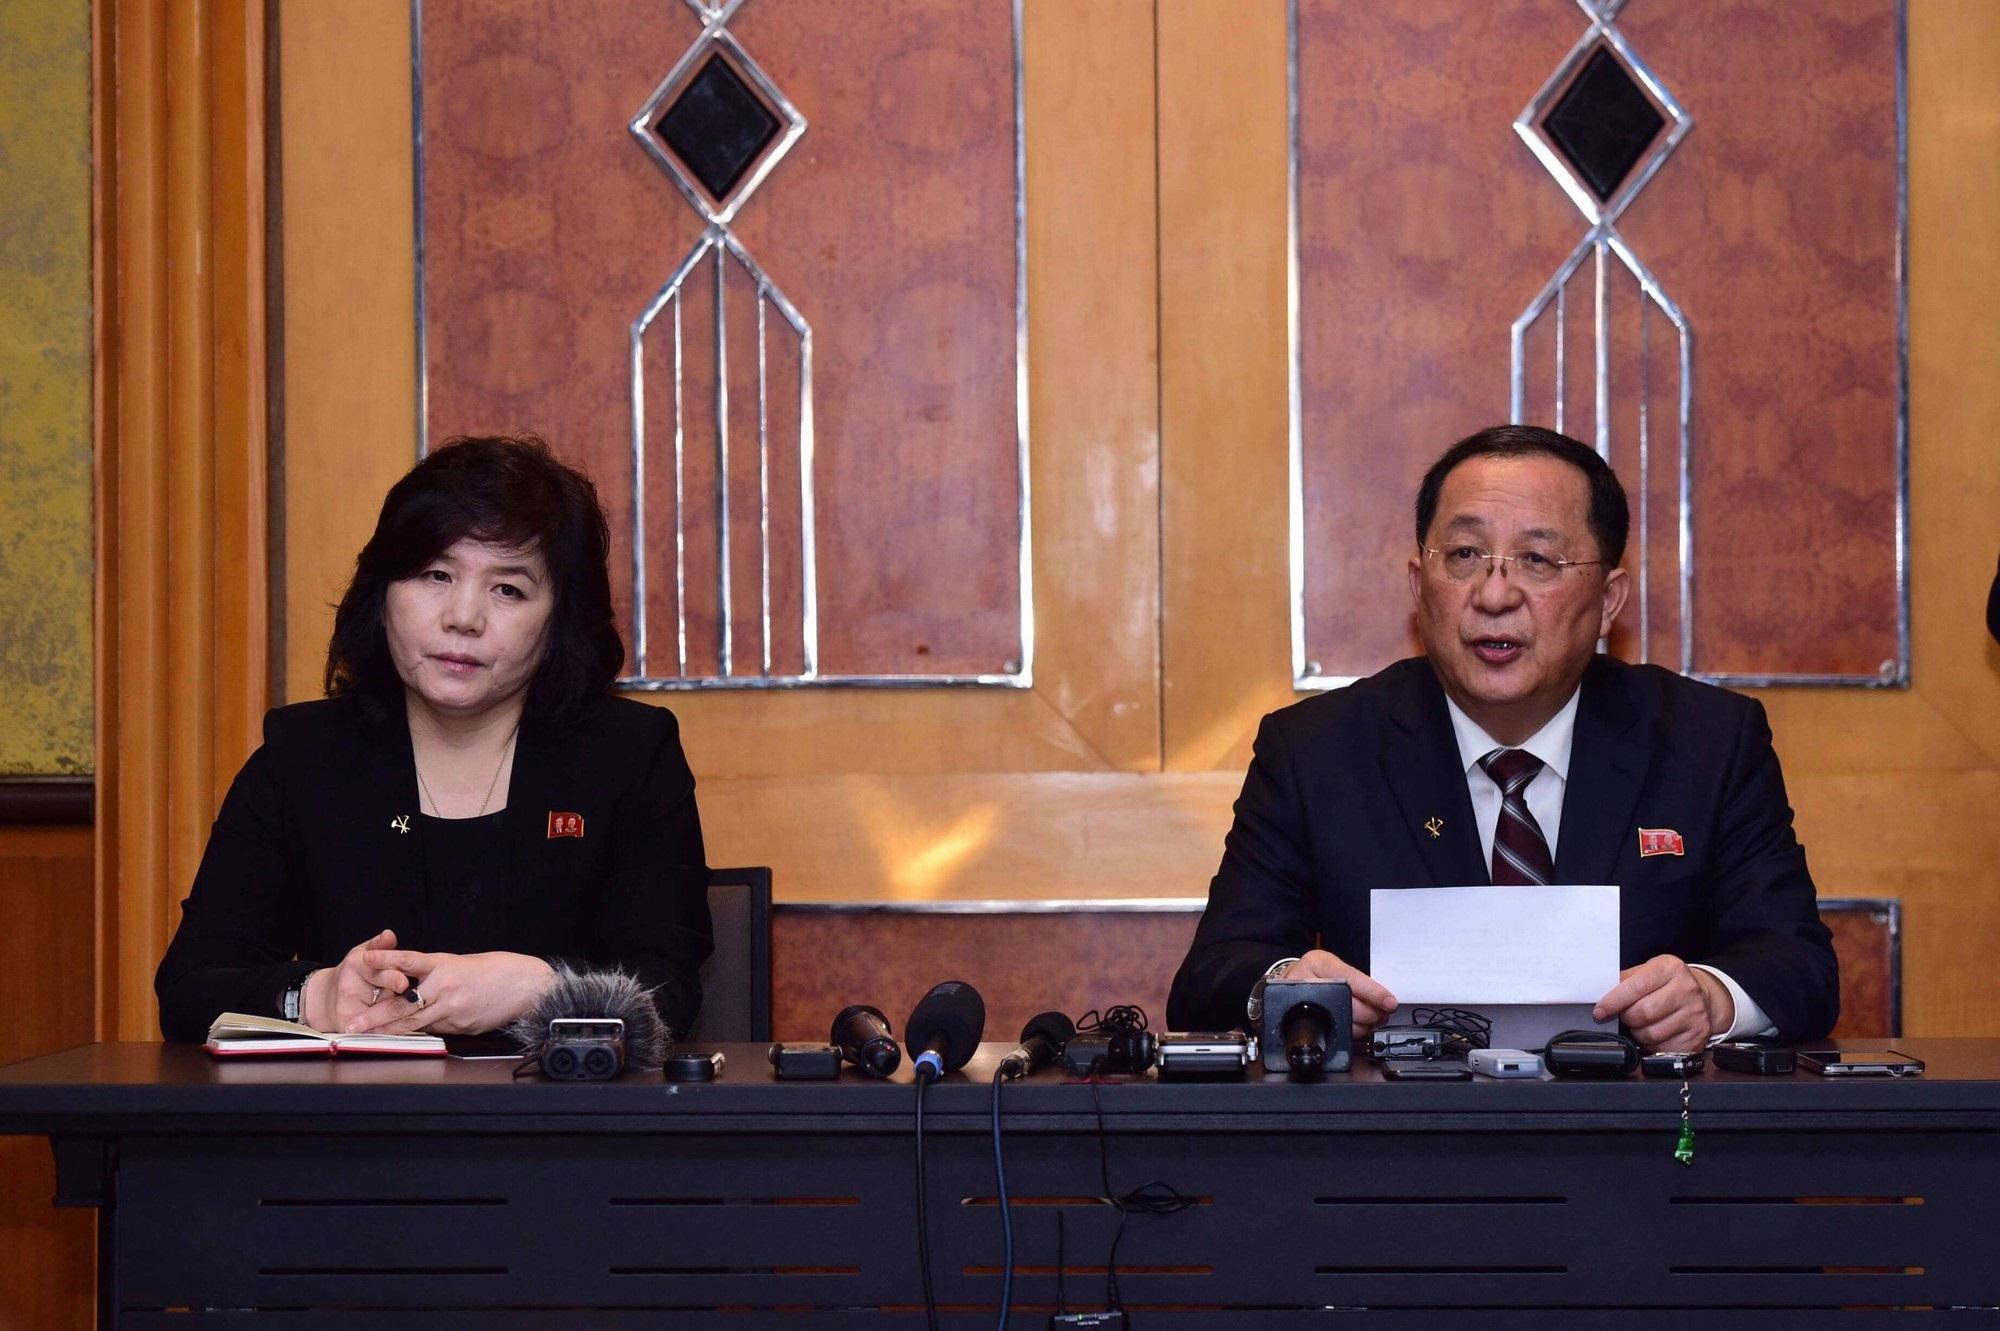 Triều Tiên tổ chức cuộc họp báo bất ngờ lúc nửa đêm sau hội nghị thượng đỉnh Mỹ-Triều lần hai - Ảnh 1